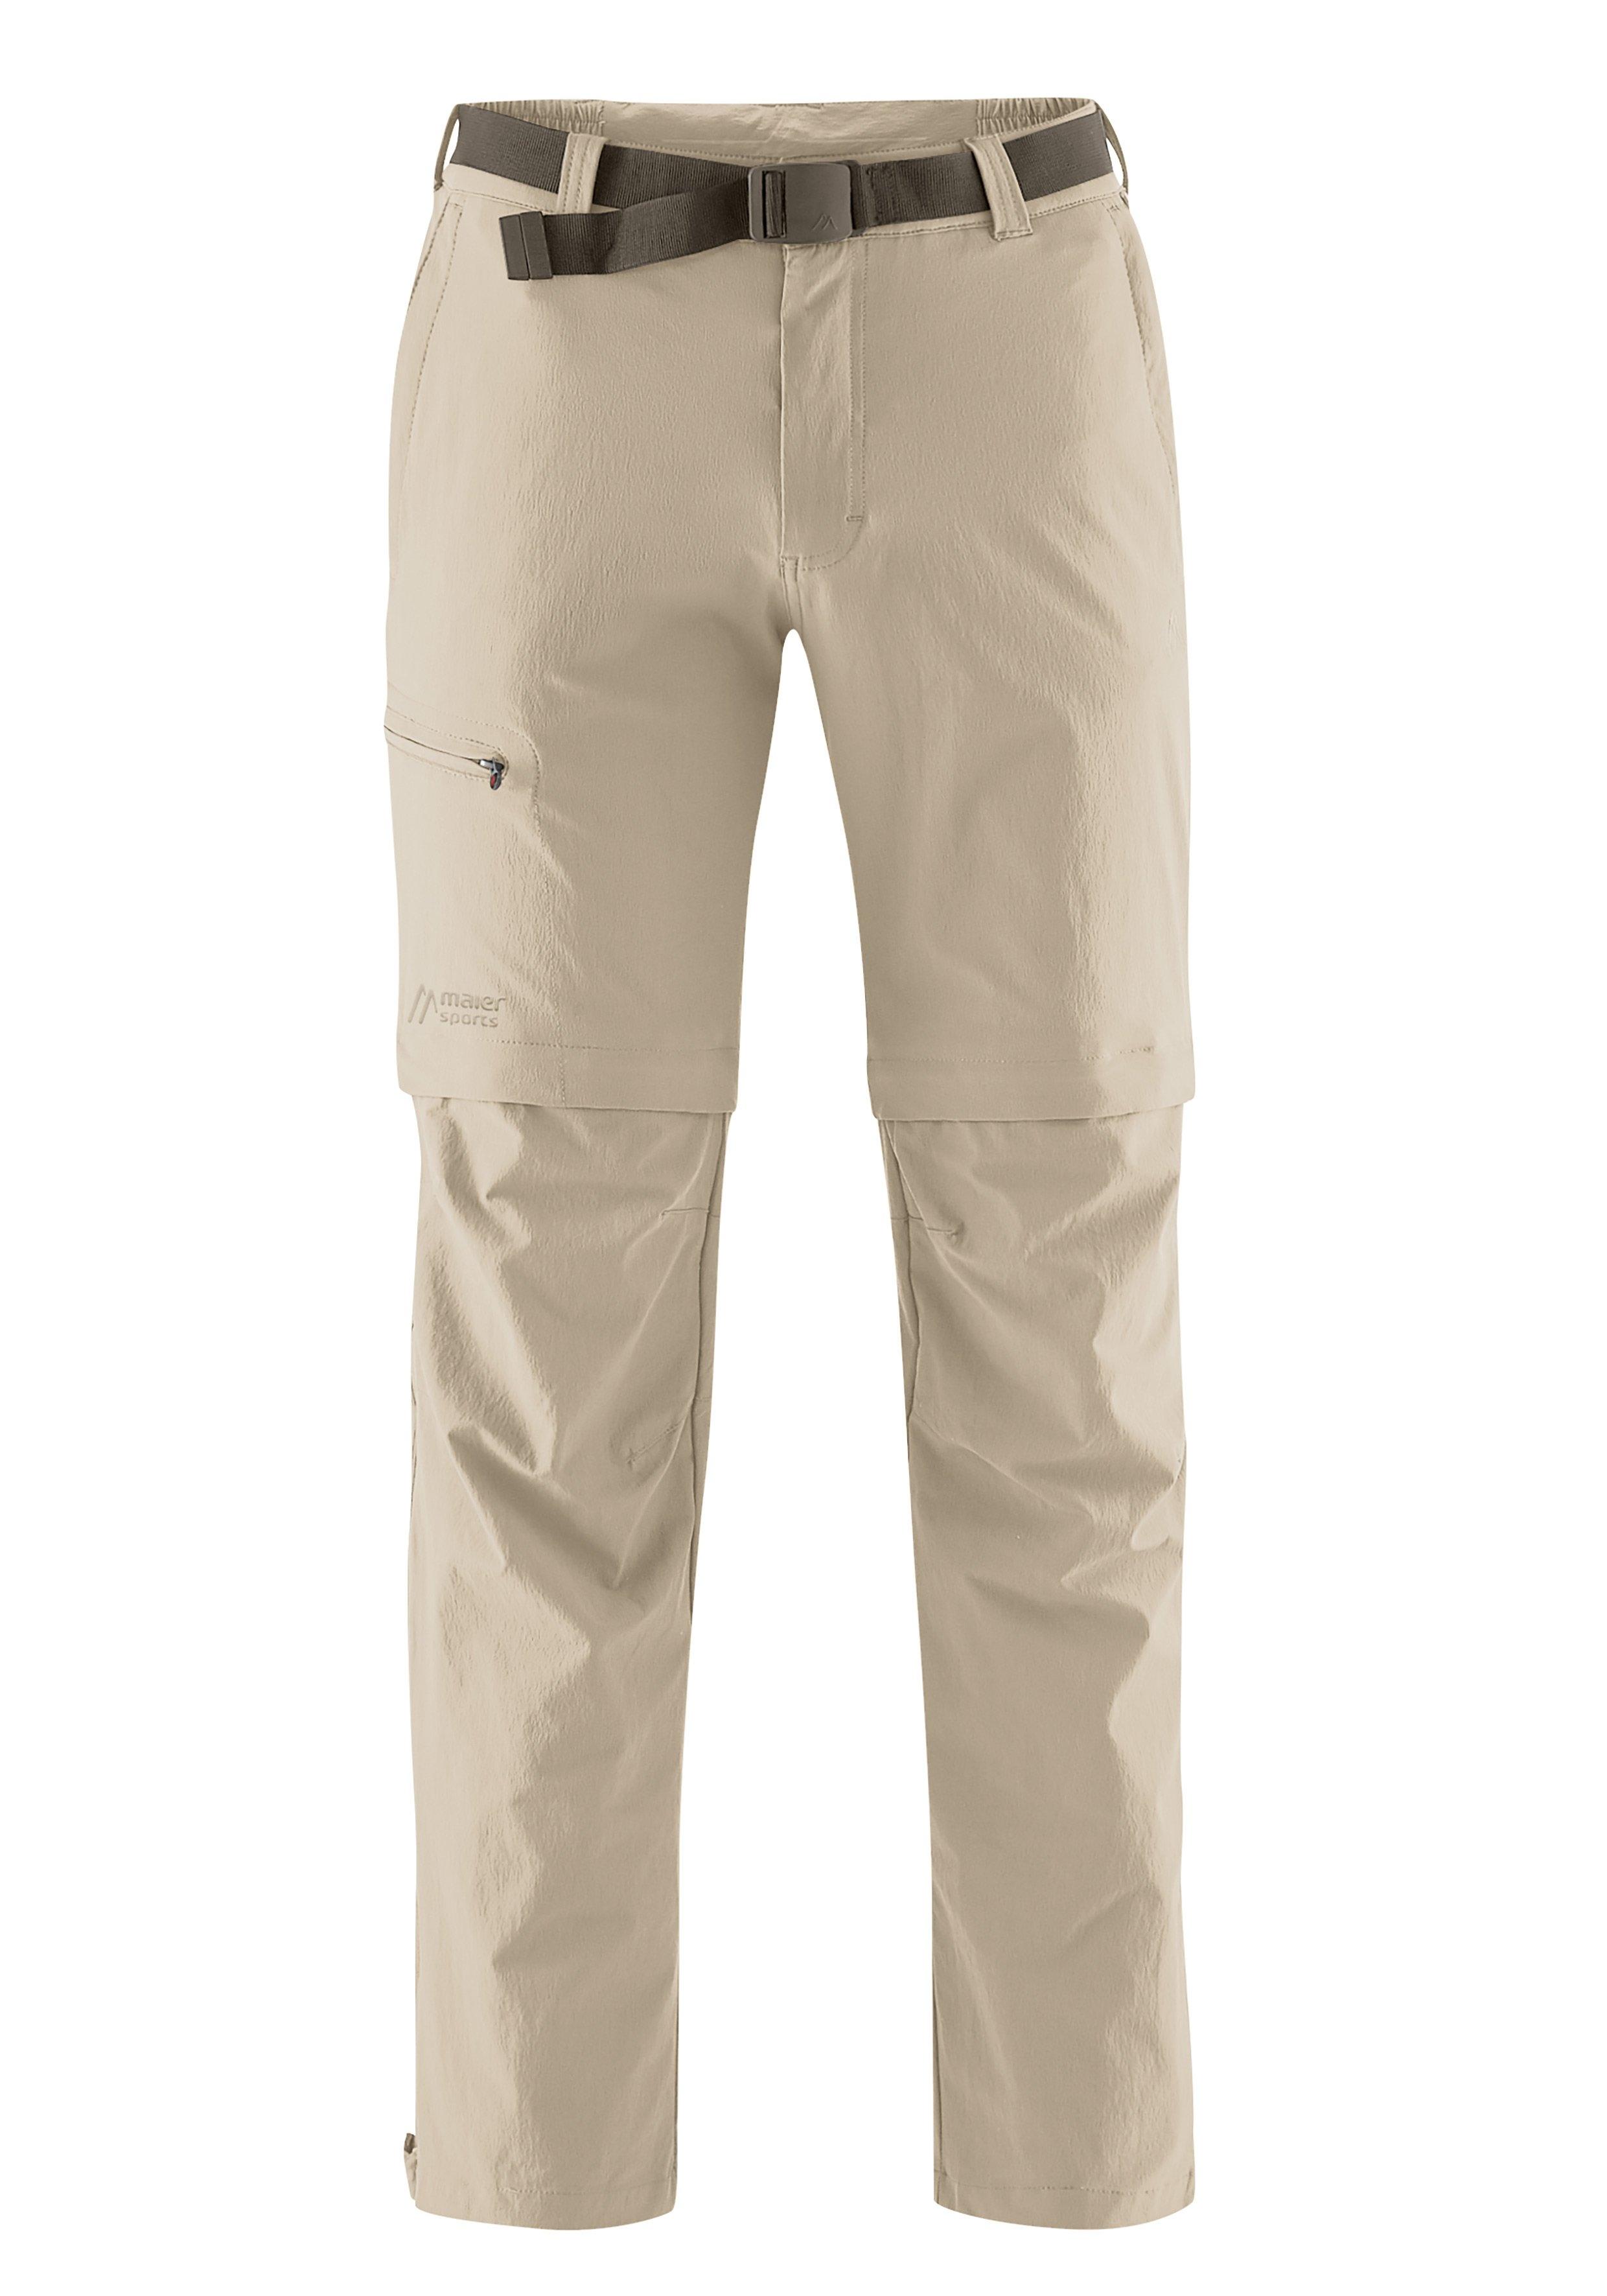 Maier Sports functionele broek TAJO Uitstekende outdoorbroek met functionele T-zipp-off bestellen: 30 dagen bedenktijd